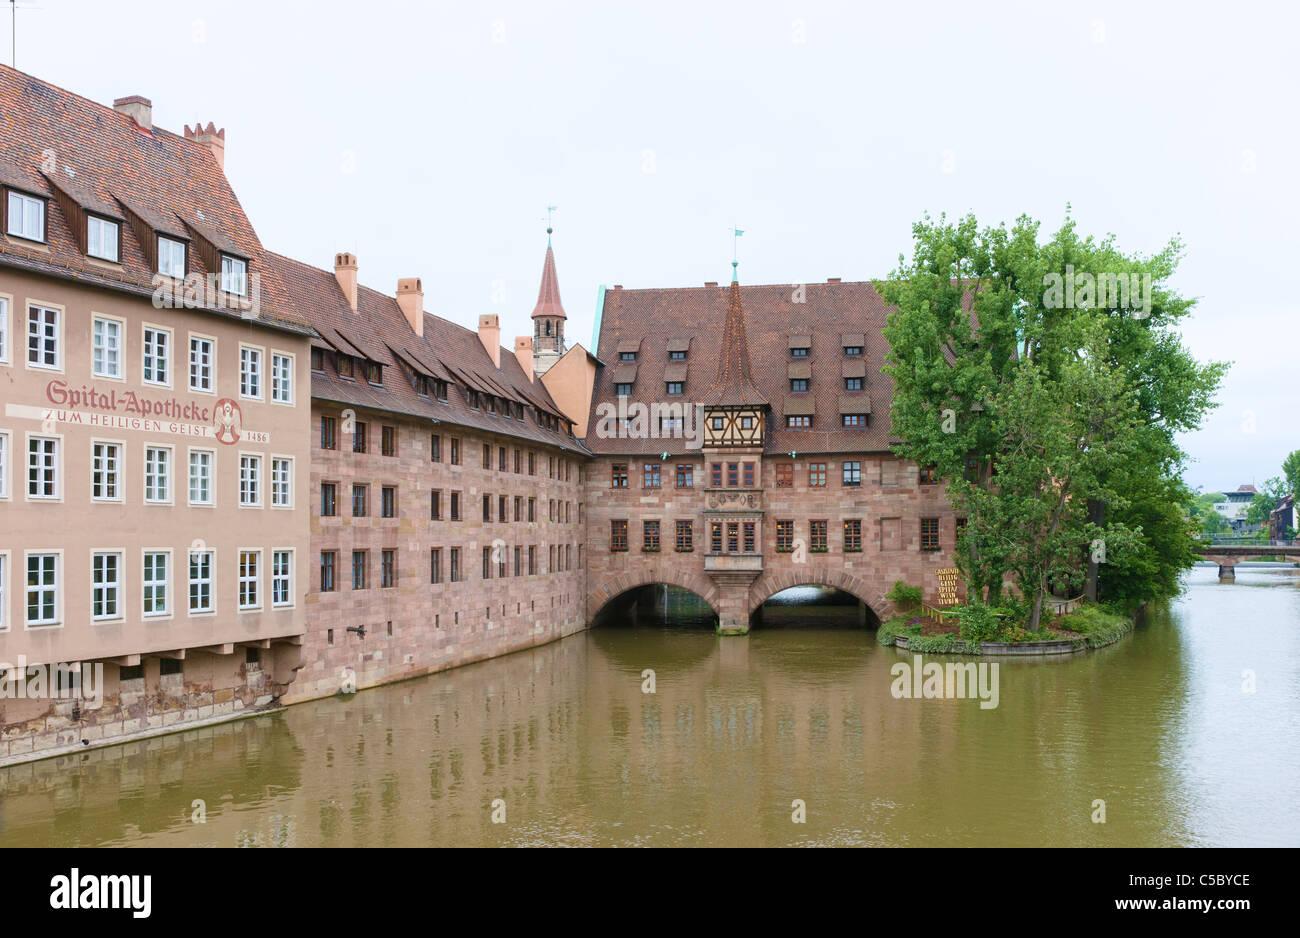 Nurnberg Heilig Geist Spital (Hôpital du Saint-Esprit) sur la rivière Pegnitz Photo Stock